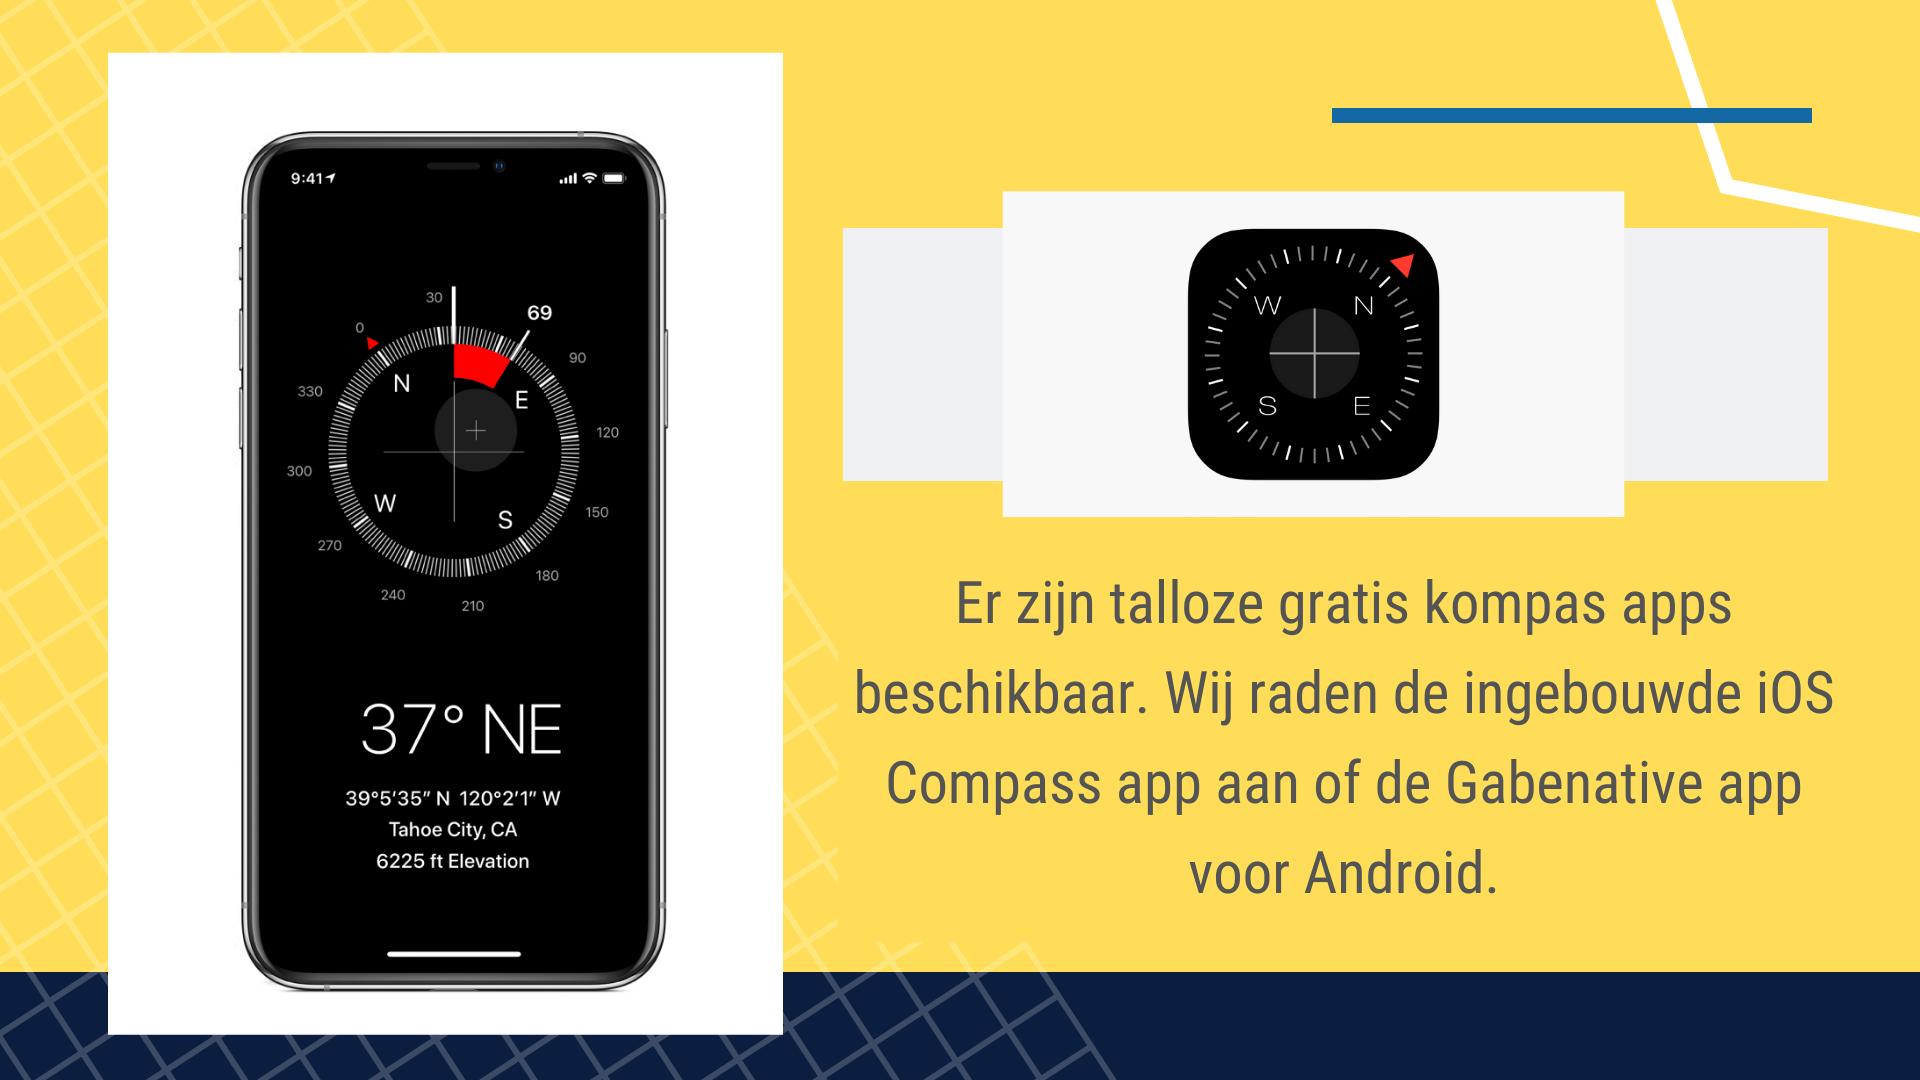 17 Eenvoudige Gratis Apps voor de Bouw - Kompas app | ArchiSnapper